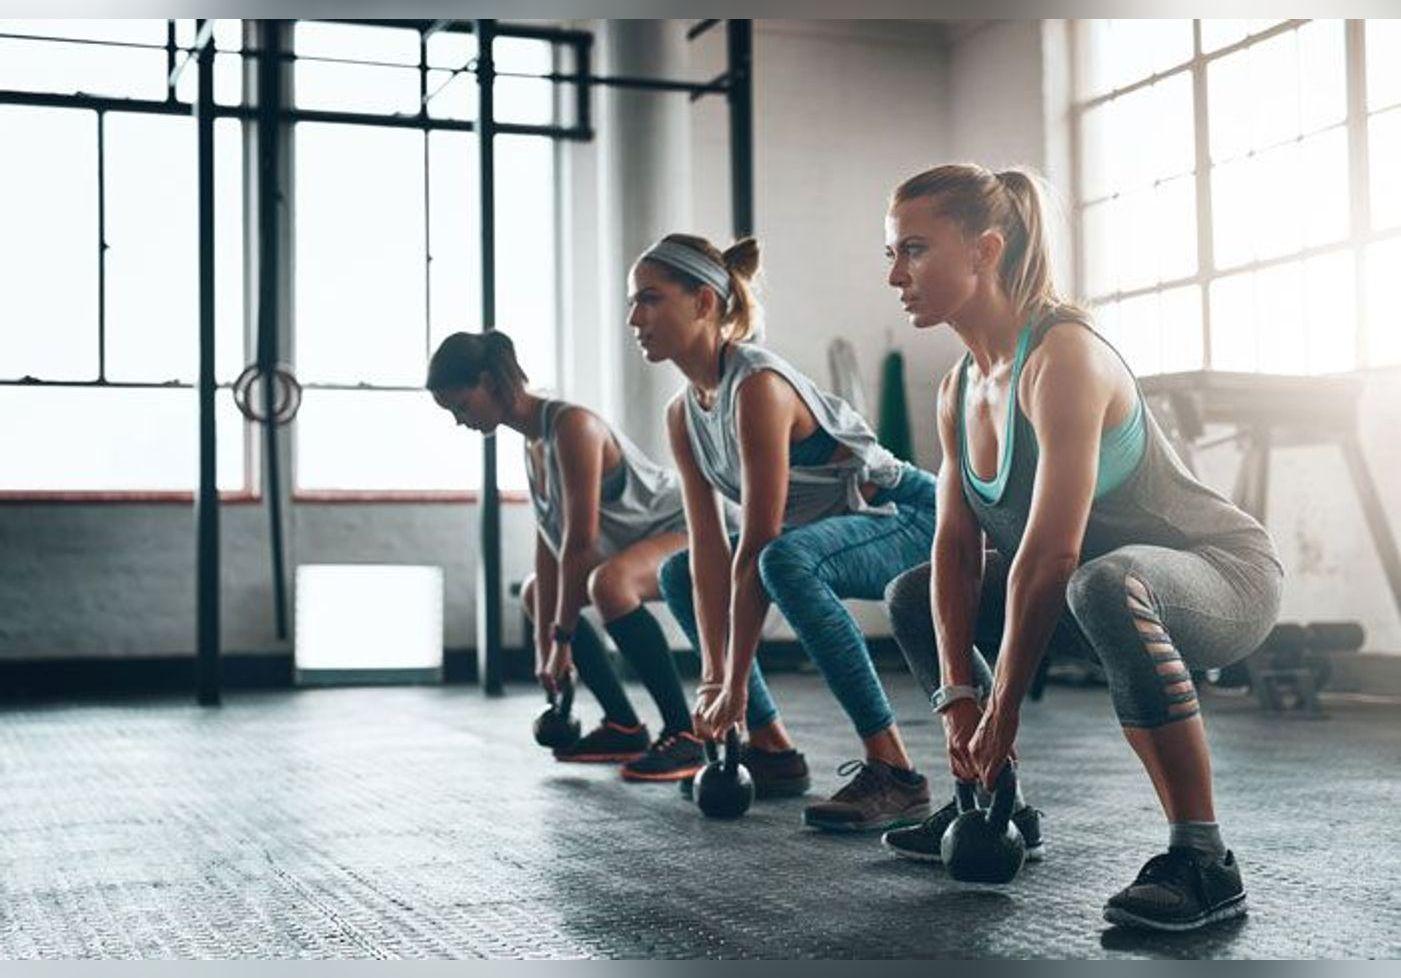 les poids aux chevilles peuvent-ils vous faire perdre du poids